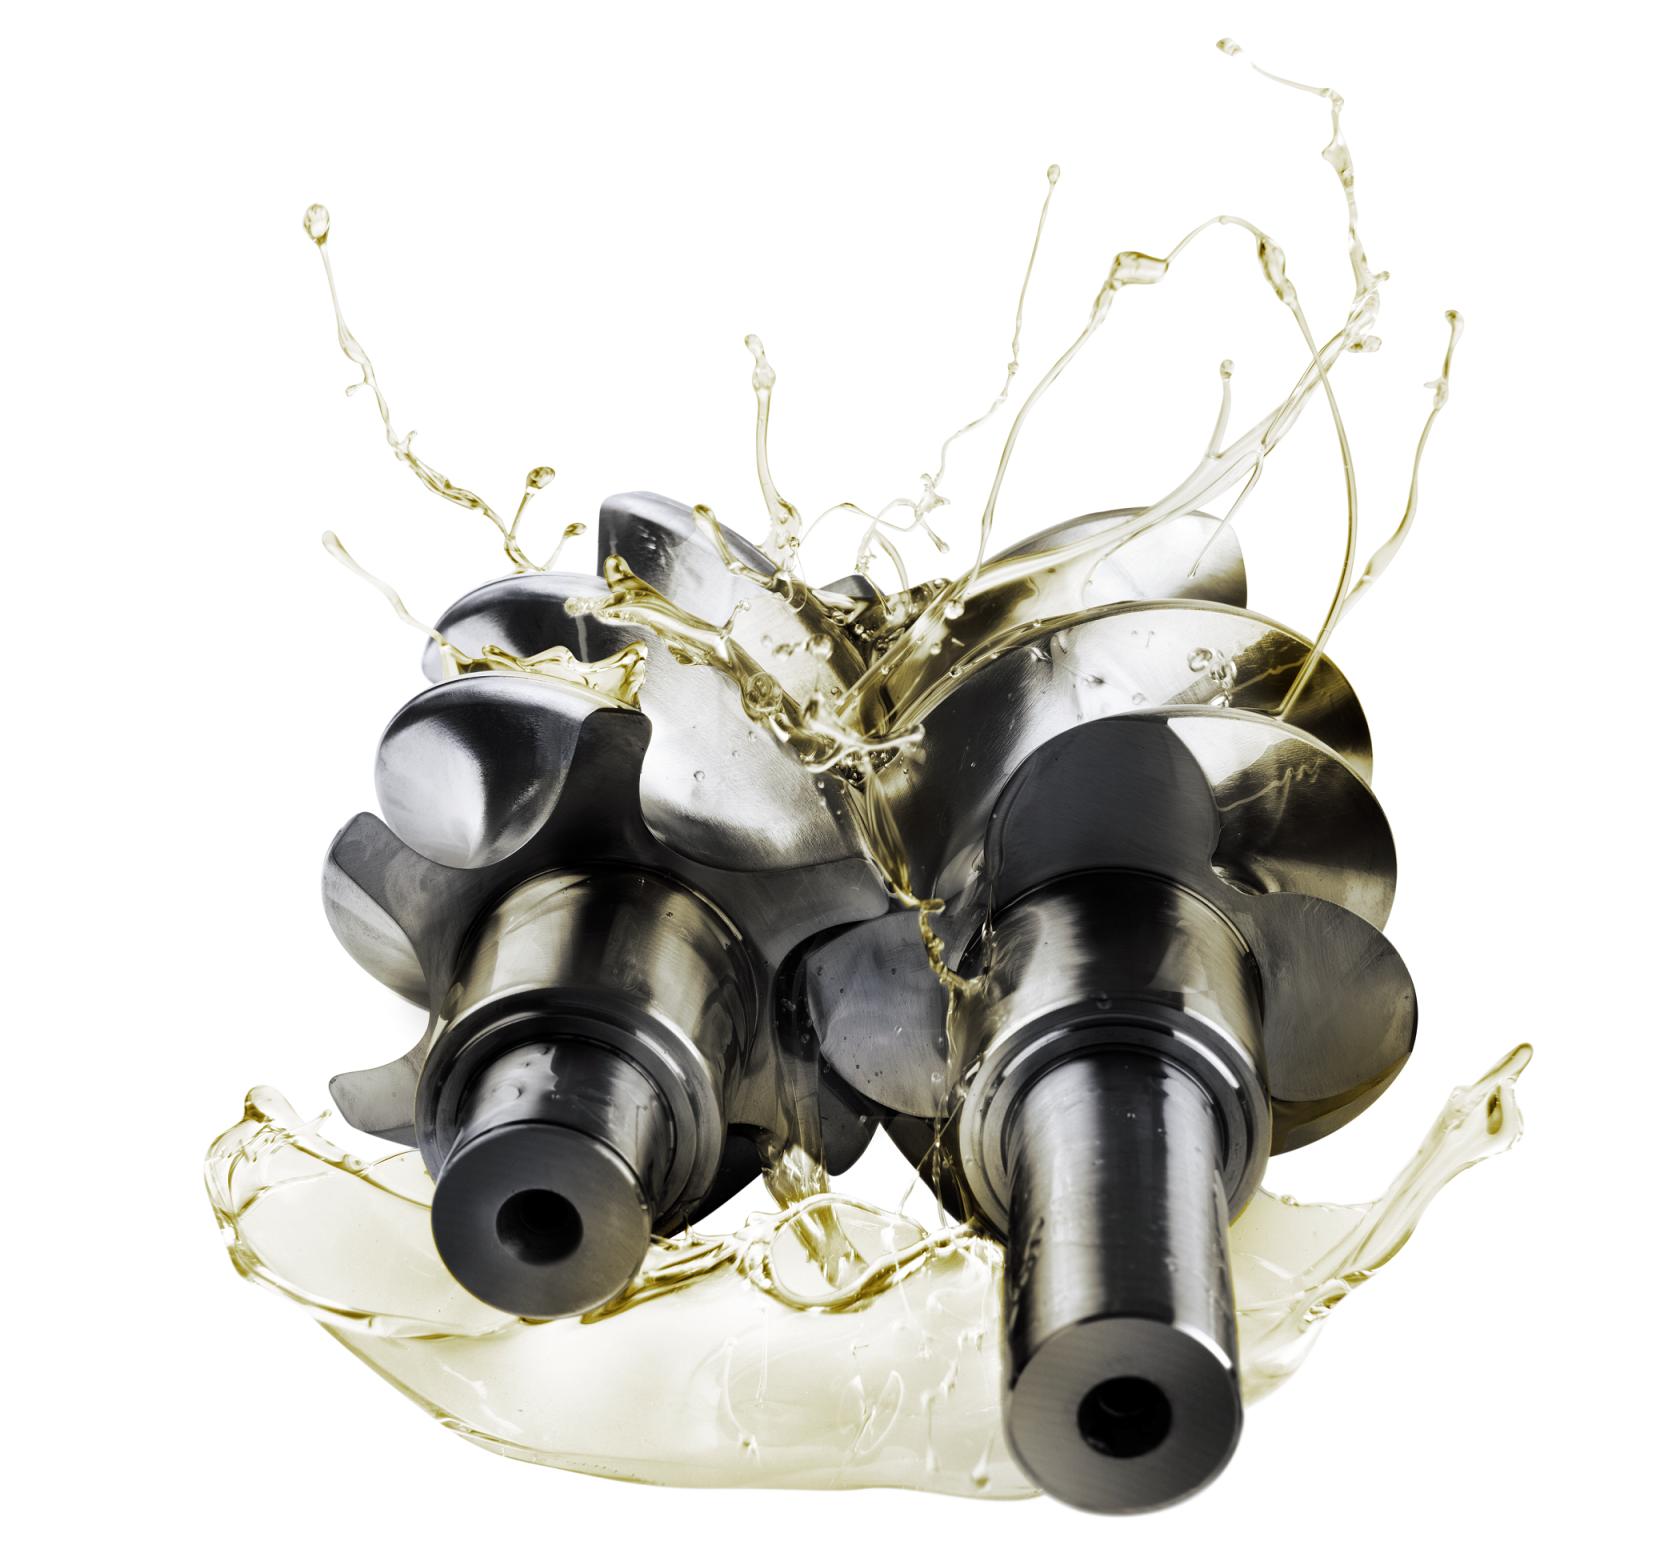 vendita noleggio compressori industriali